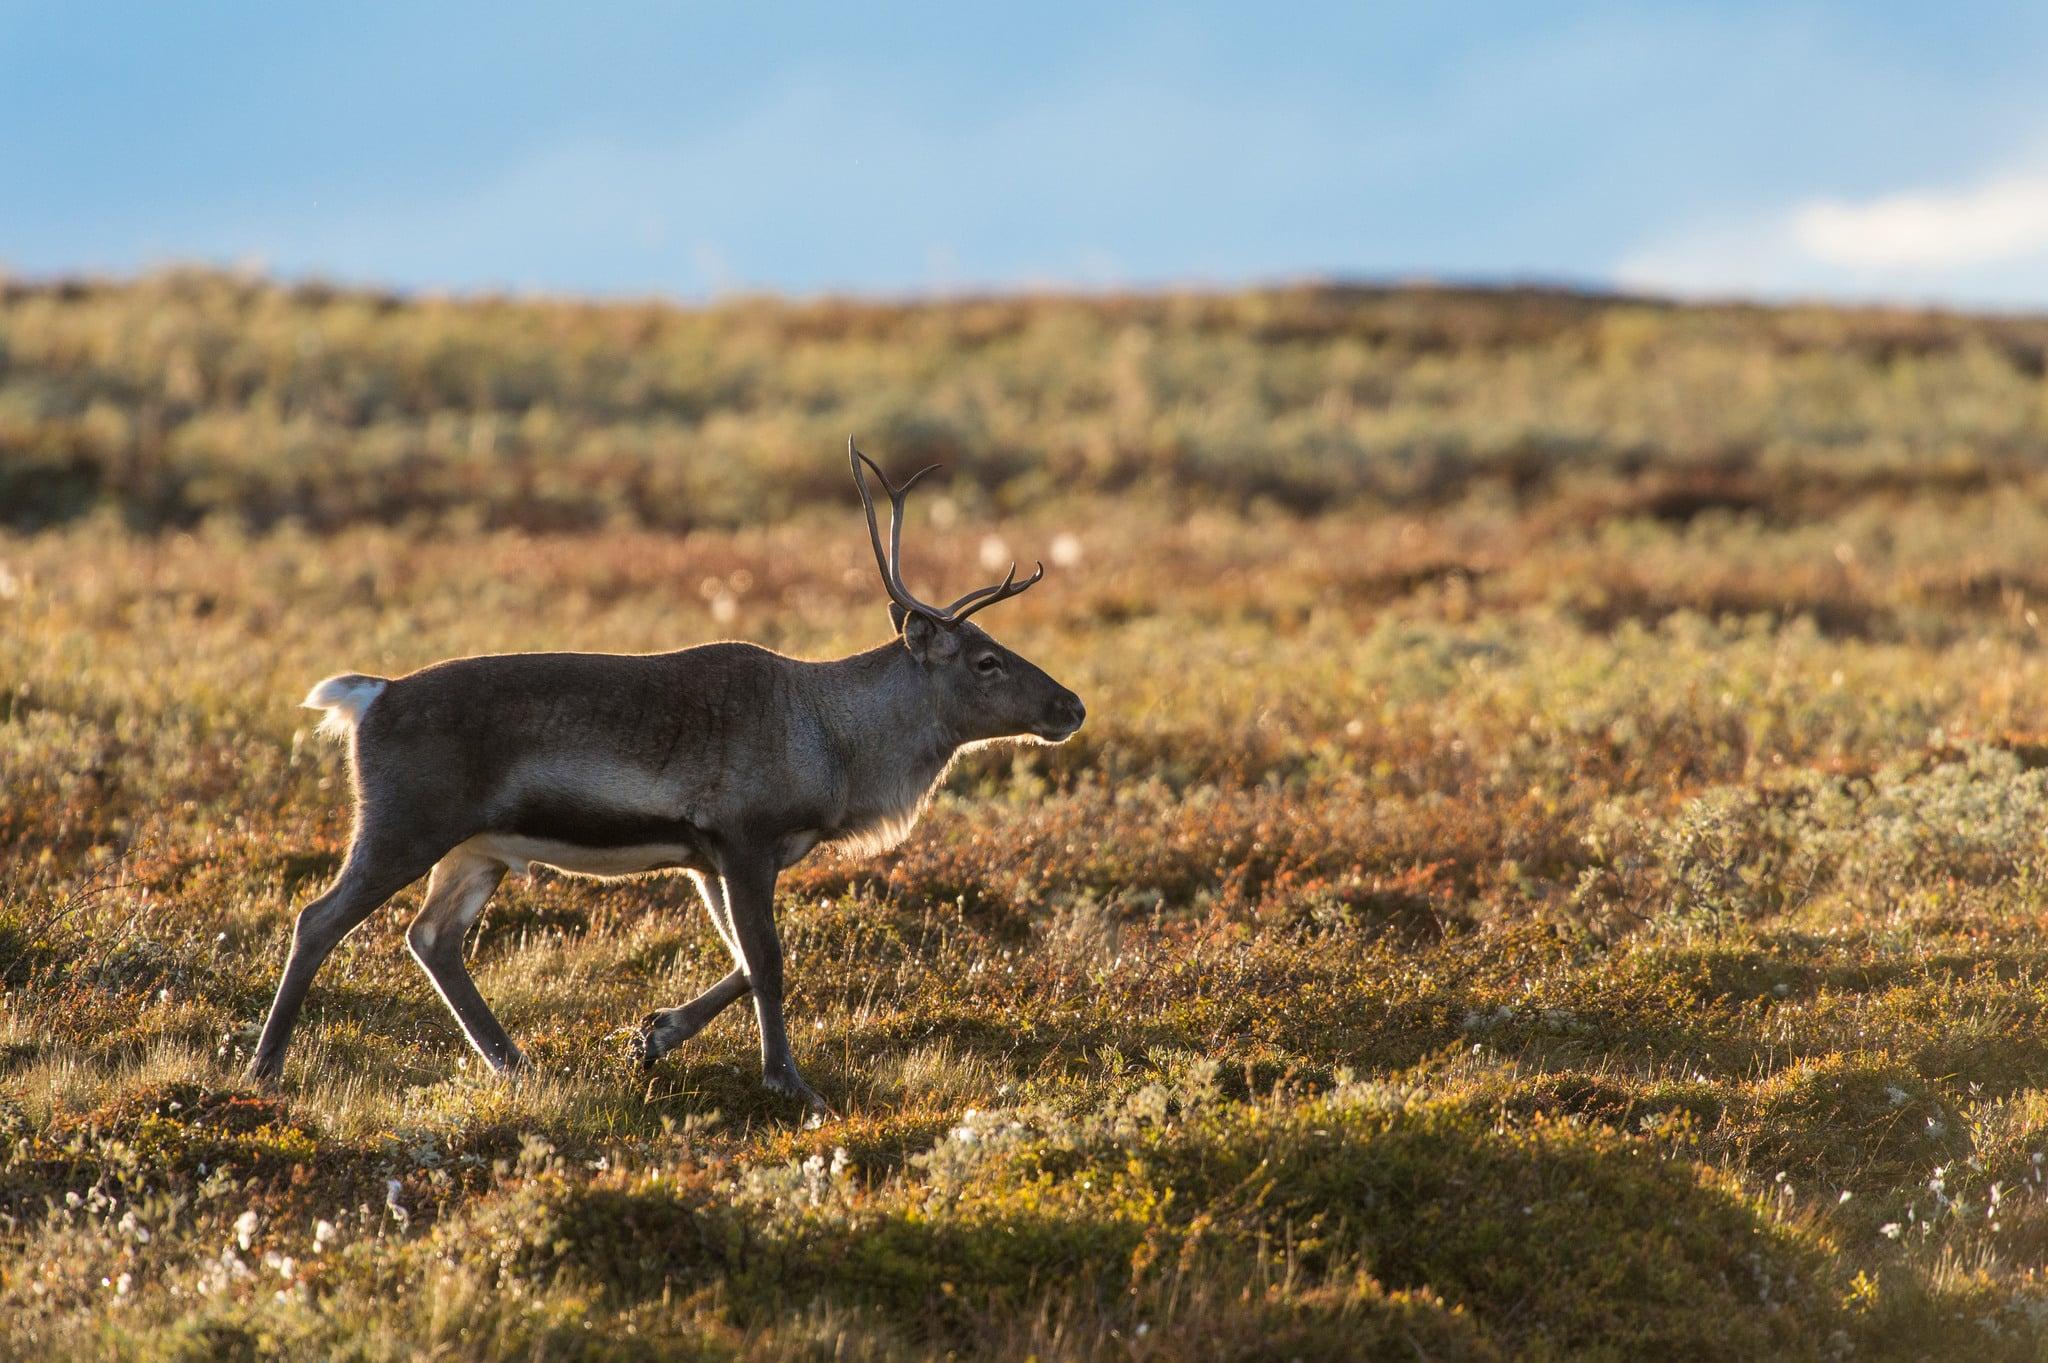 Det är anmärkningsvärt att länsstyrelsen slentrianmässigt avlyser småviltjakten istället för att bereda jägare tillgång till naturen och jakten, anser skribenten.